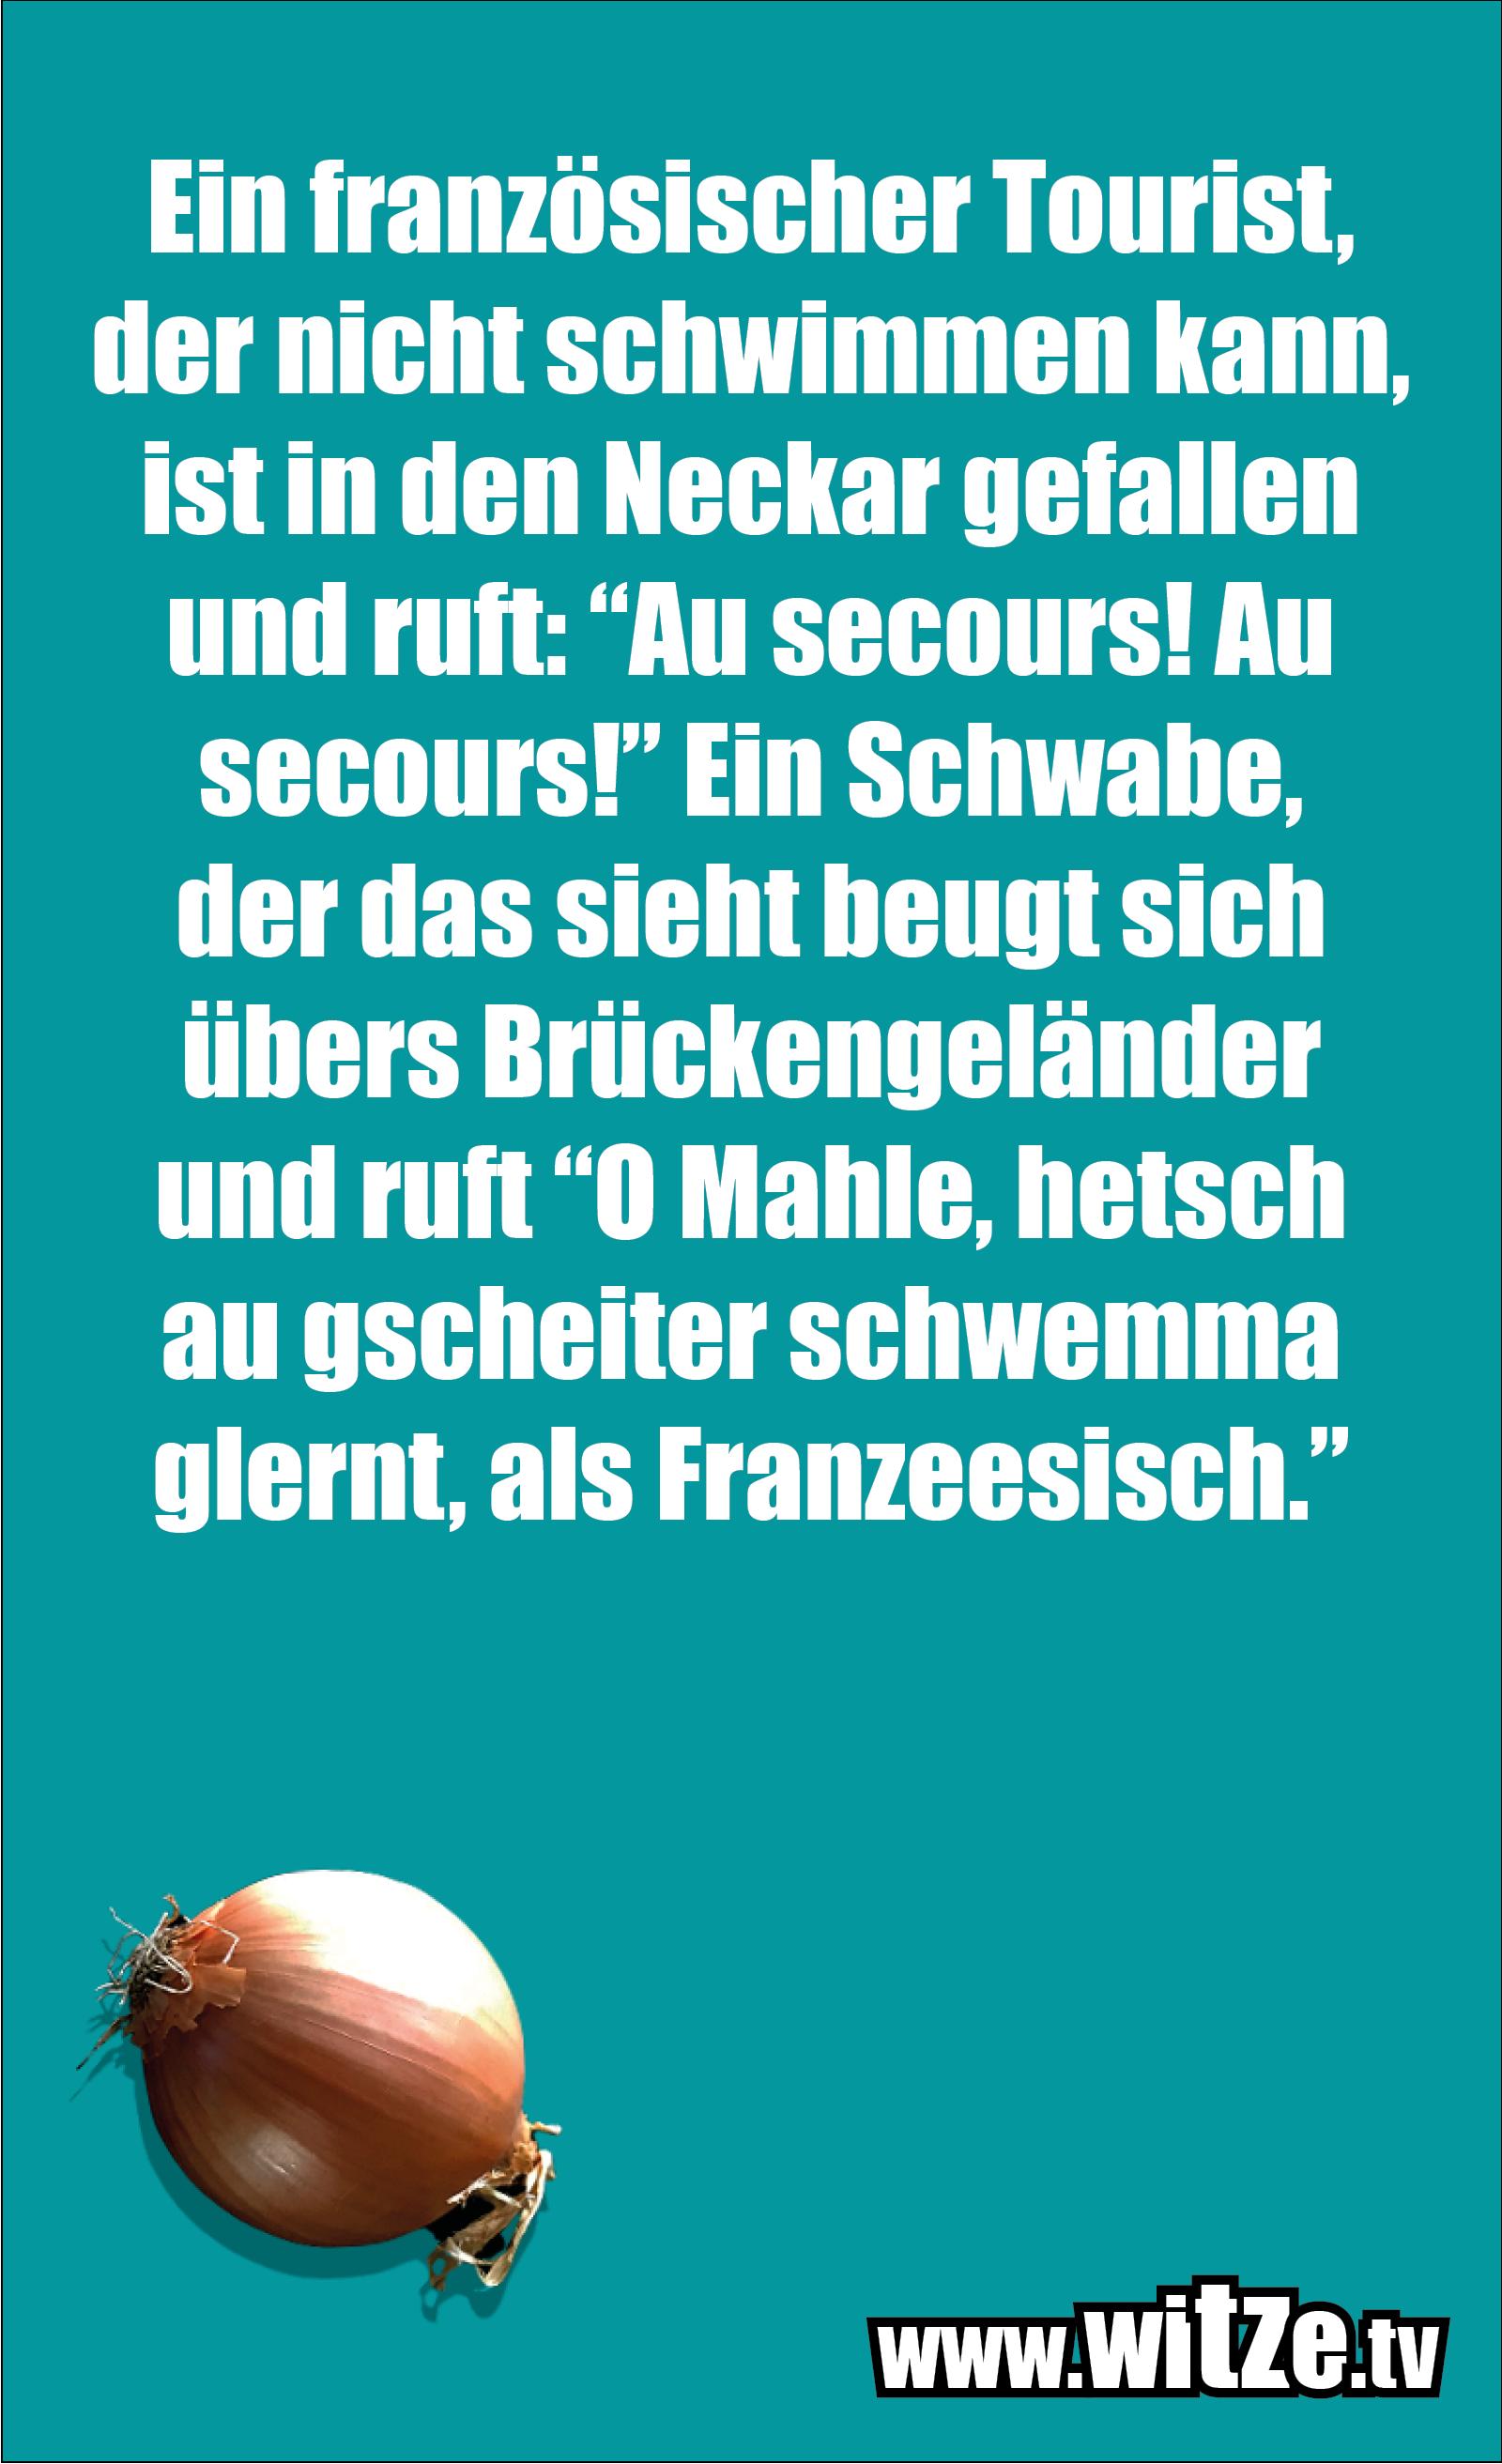 """Schwaben Witz… Ein französischer Tourist, der nicht schwimmen kann, ist in den Neckar gefallen und ruft: """"Au secours! Au secours!"""" Ein Schwabe, der das sieht beugt sich übers Brückengeländer und ruft """"O Mahle, hetsch au gscheiter schwemma glernt, als Franzeesisch."""""""